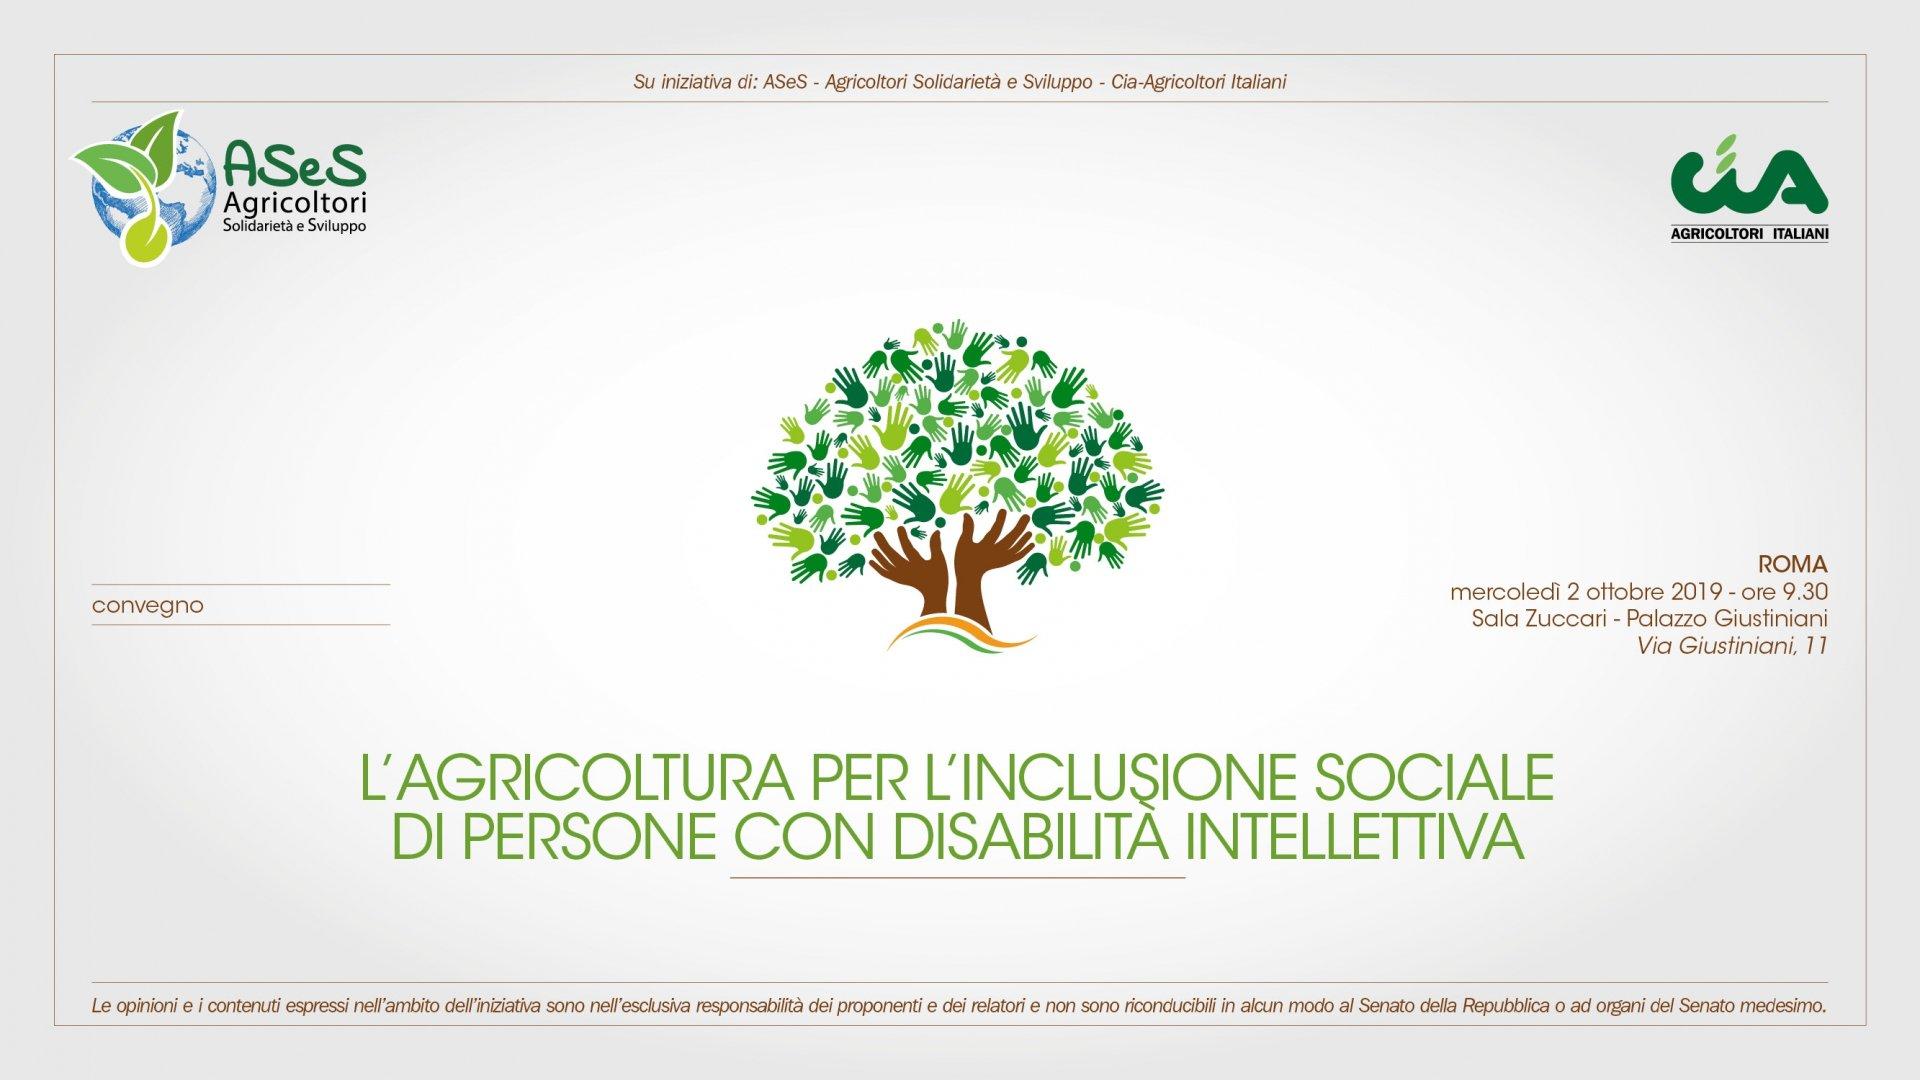 Agricoltura, al Senato della Repubblica un convegno per l'inclusione sociale di persone con disabilità intellettiva